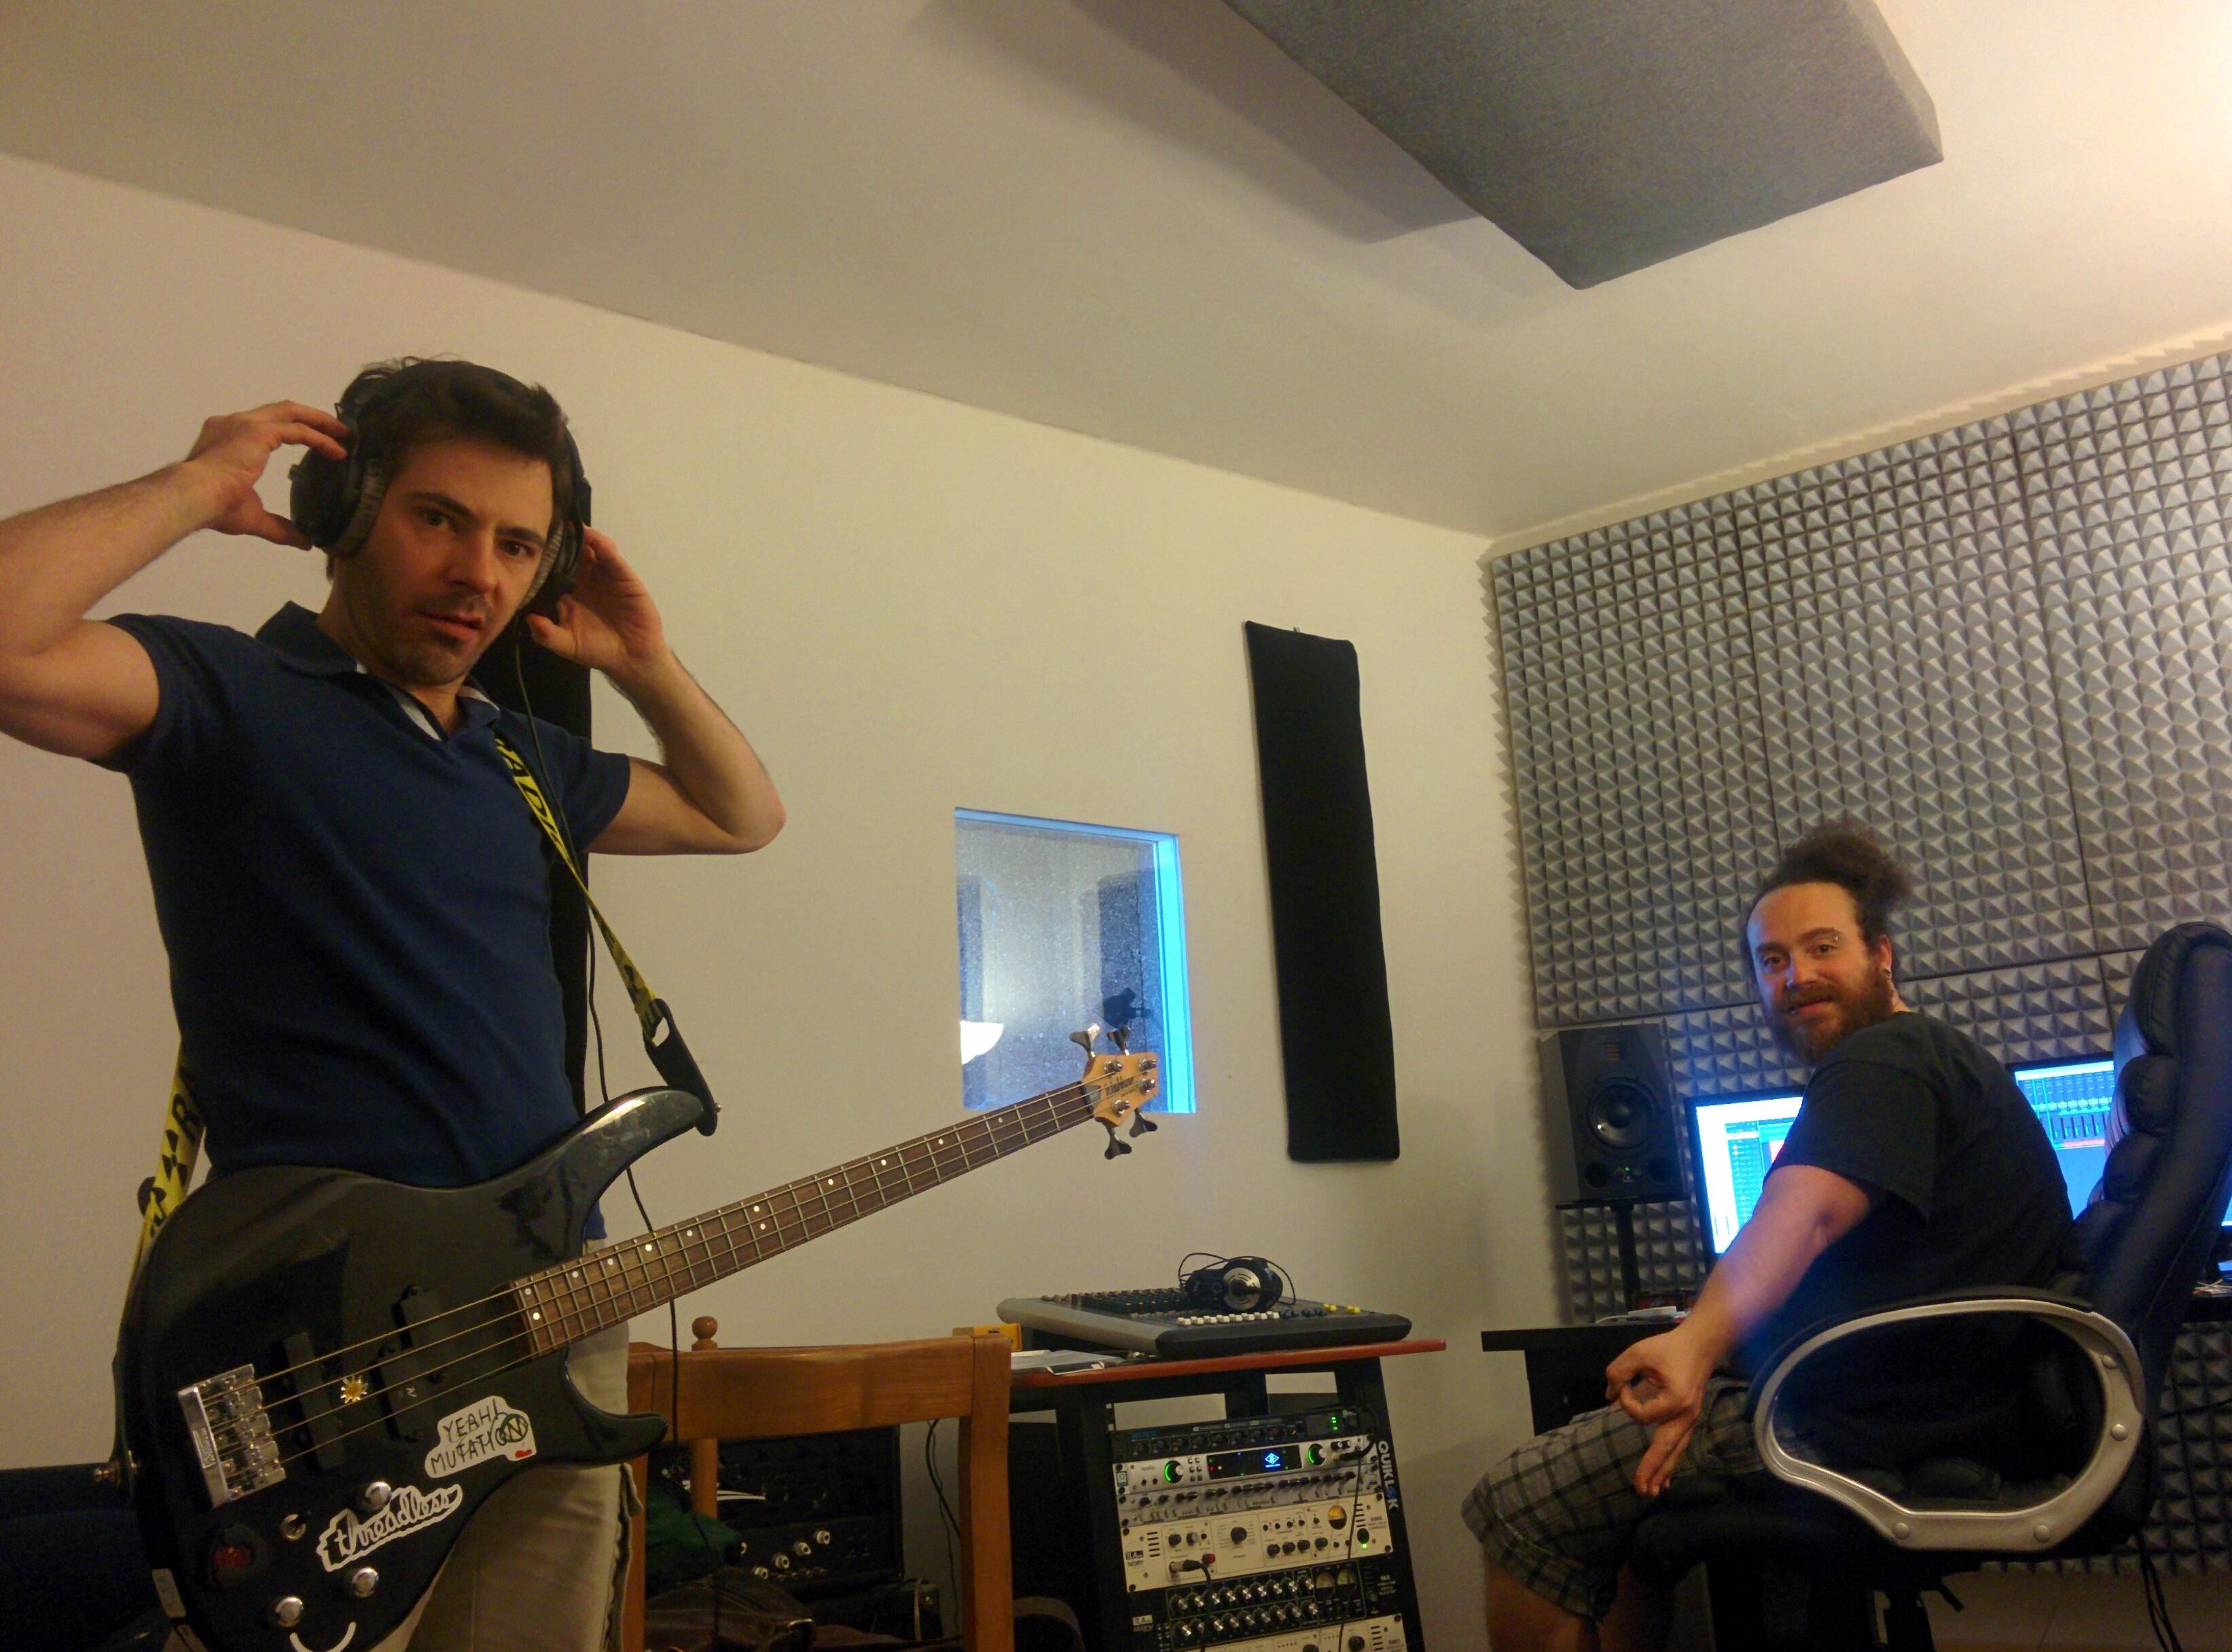 Matto + Truzzi